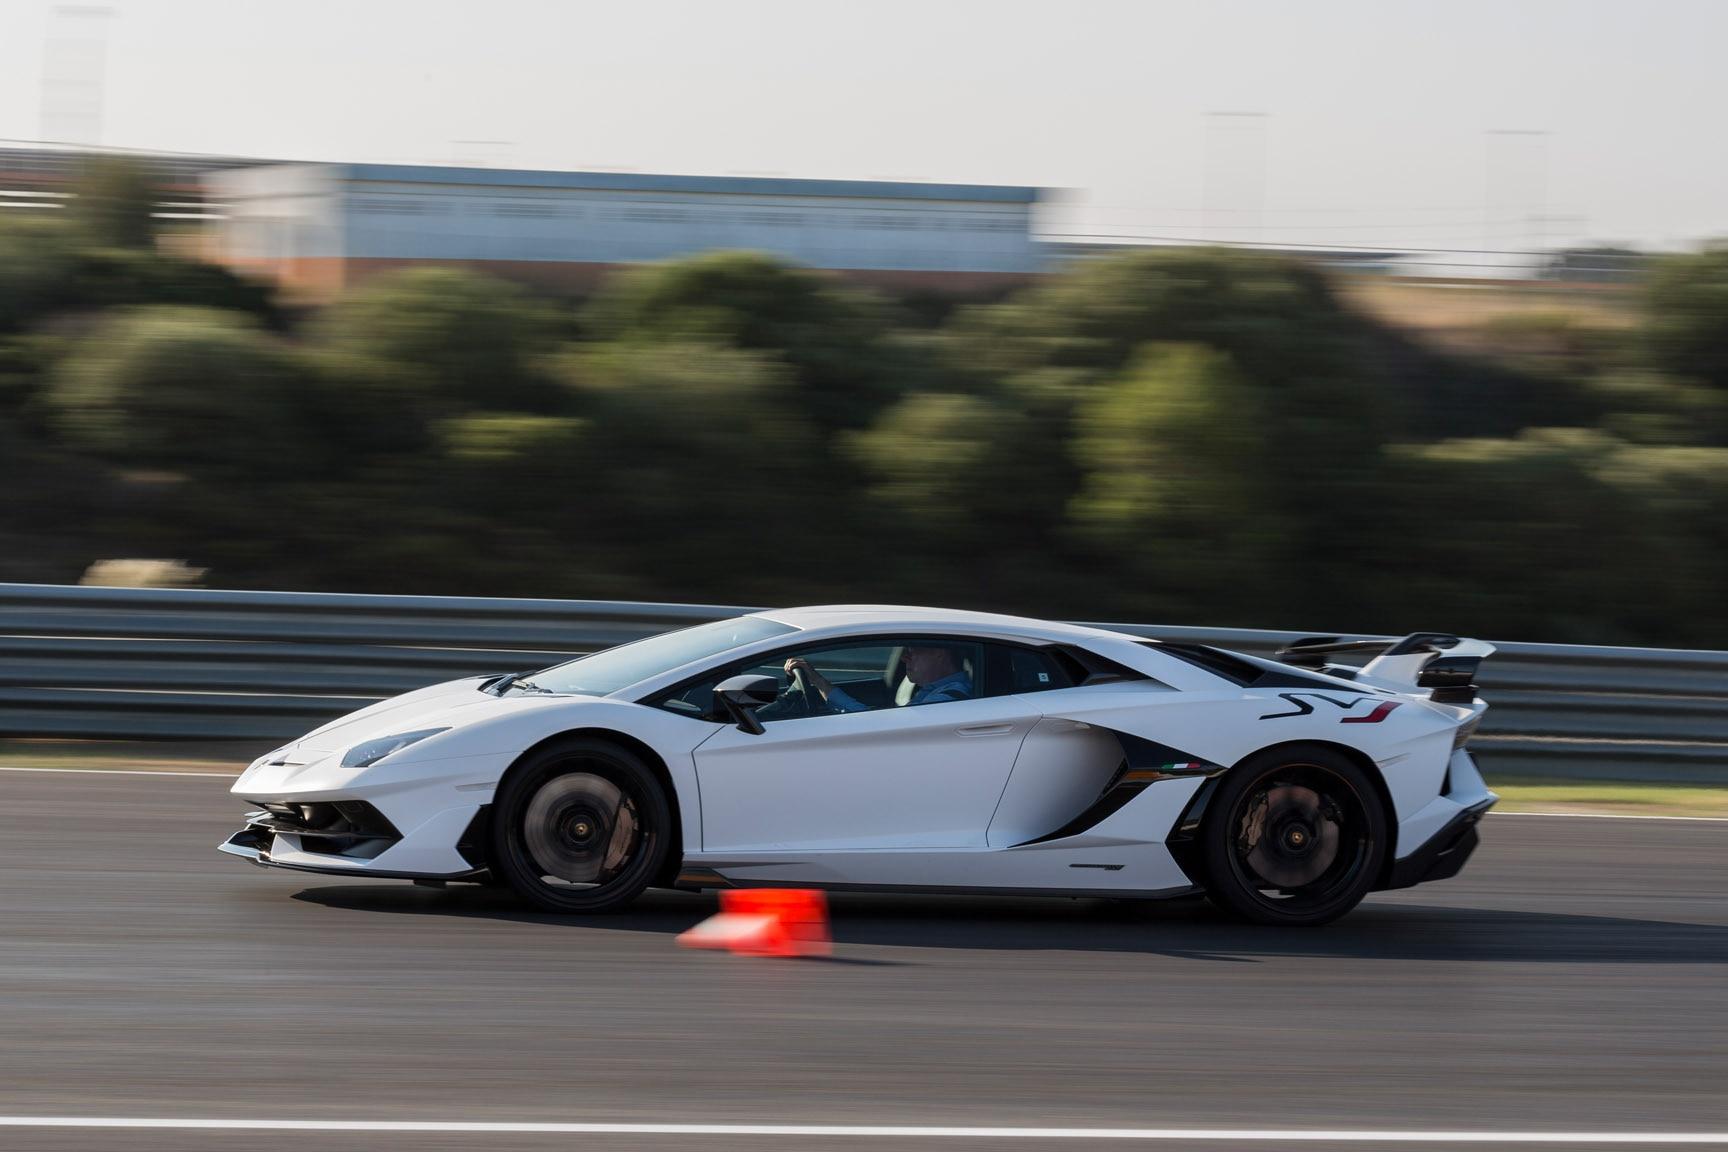 2019 Lamborghini Aventador Svj First Drive Automobile Magazine